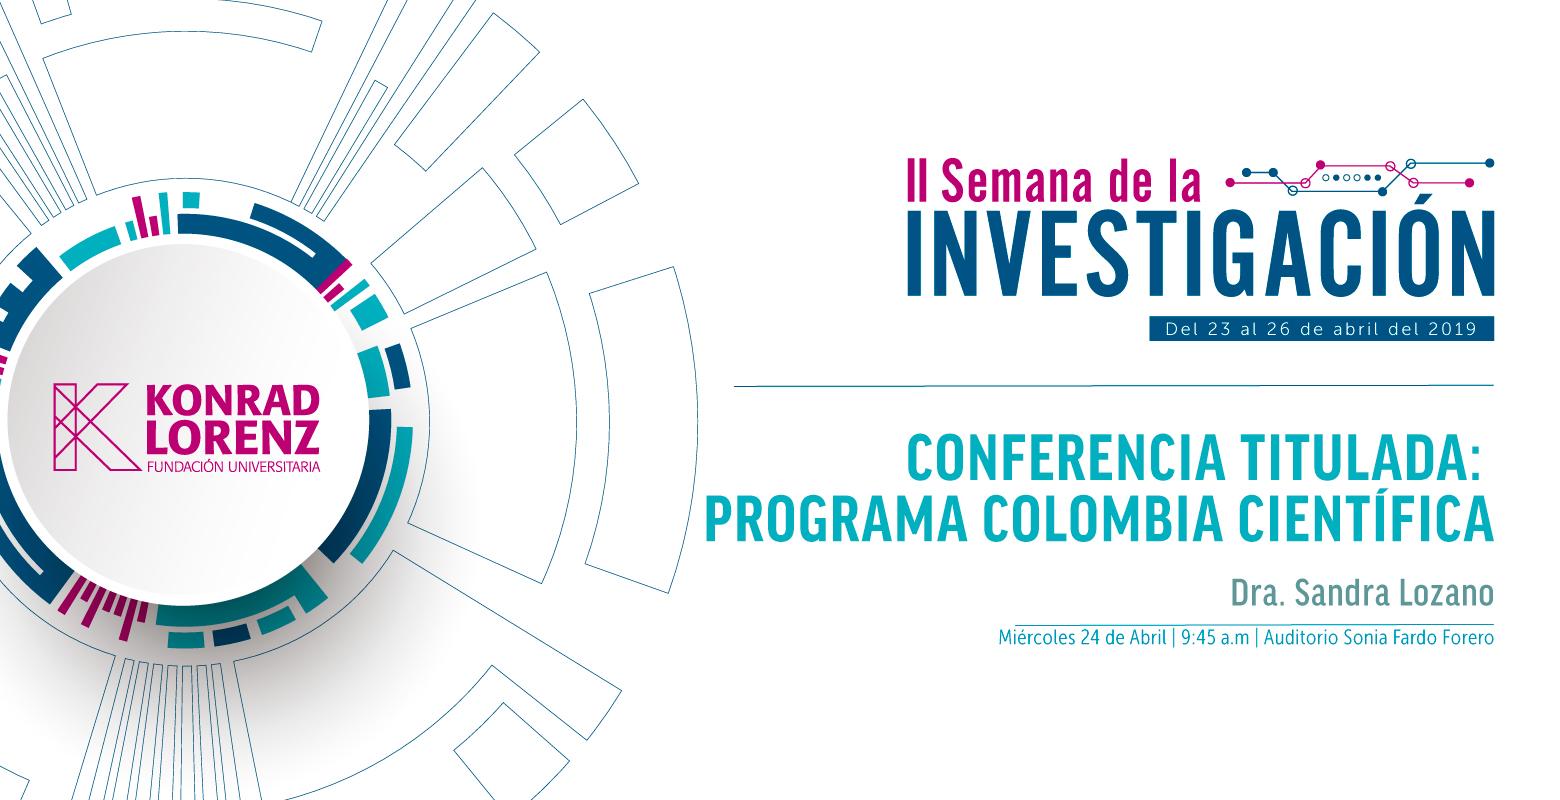 Programa Colombia Científica - Convocatorias Ecosistema